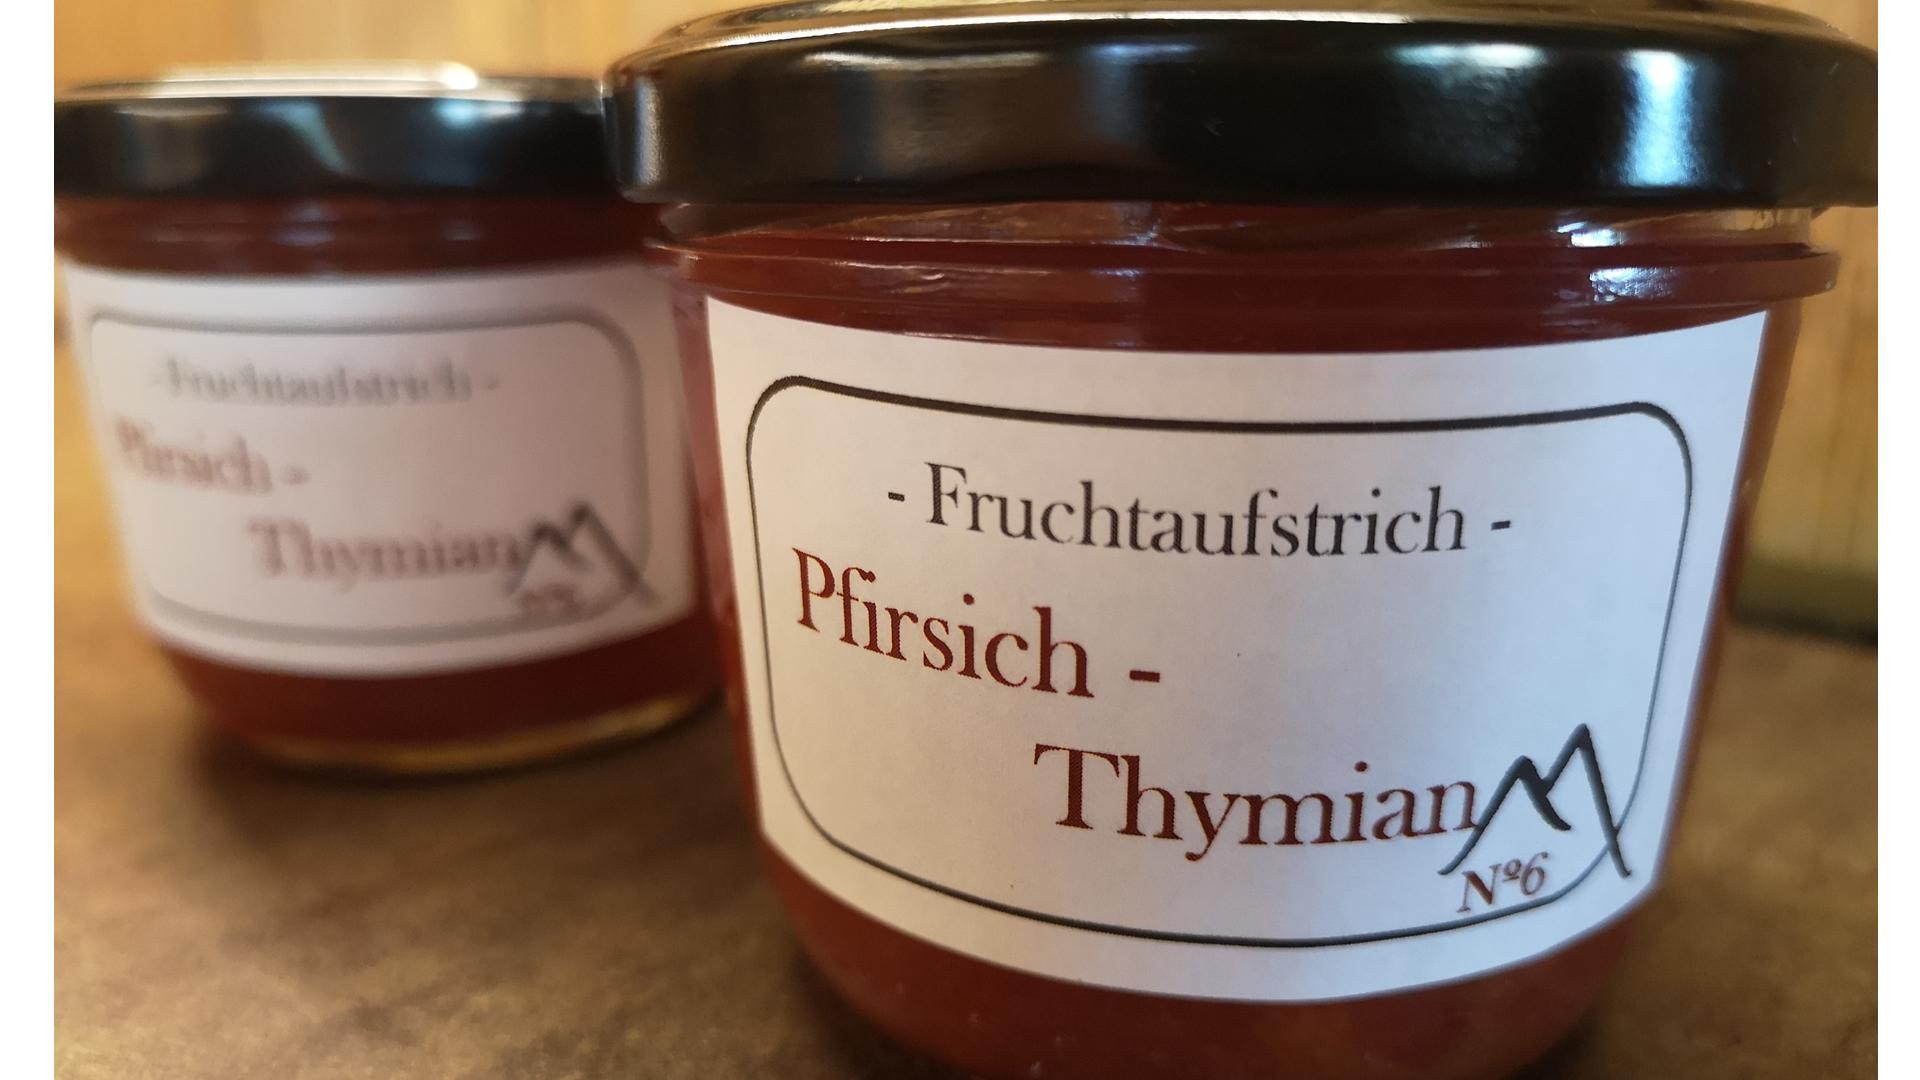 Pfirsich-Thymian N°6